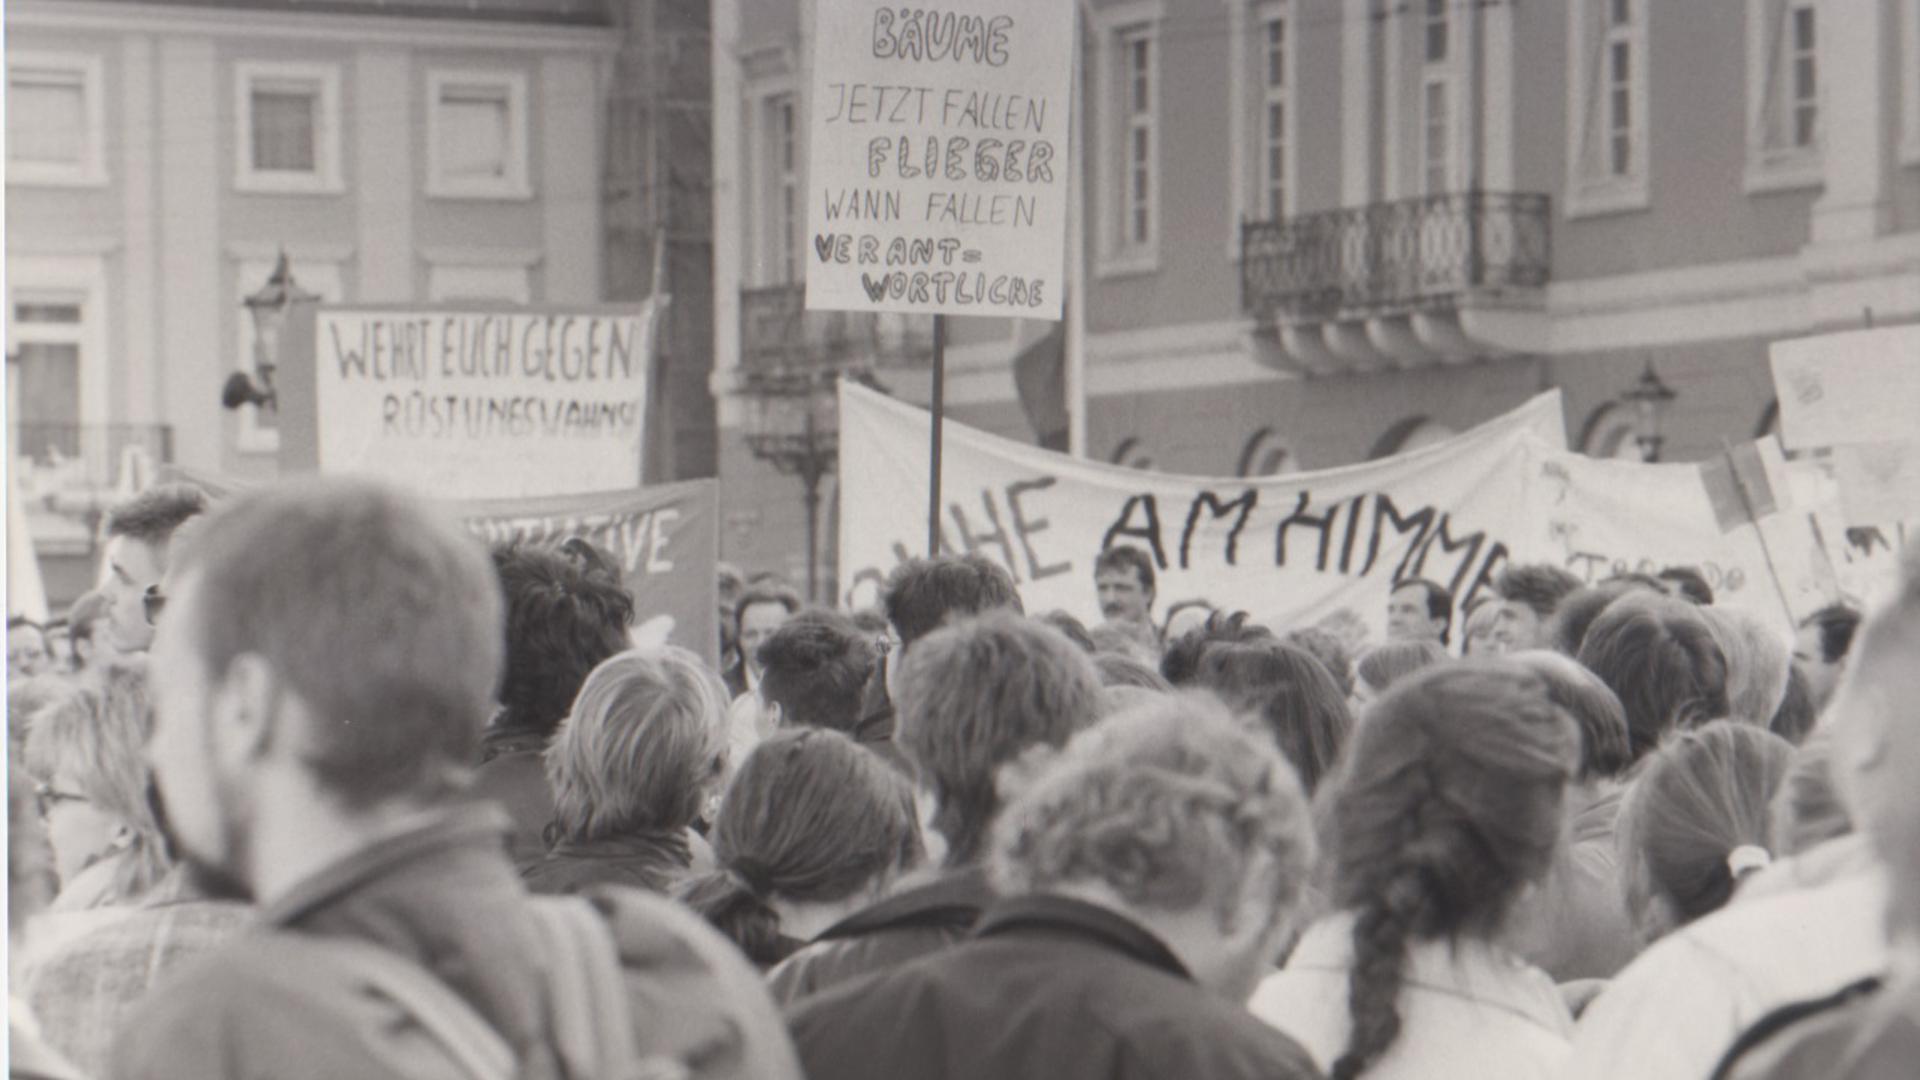 Demo nach Kampfjets-Zusammenstoß 1990 Karlsruhe